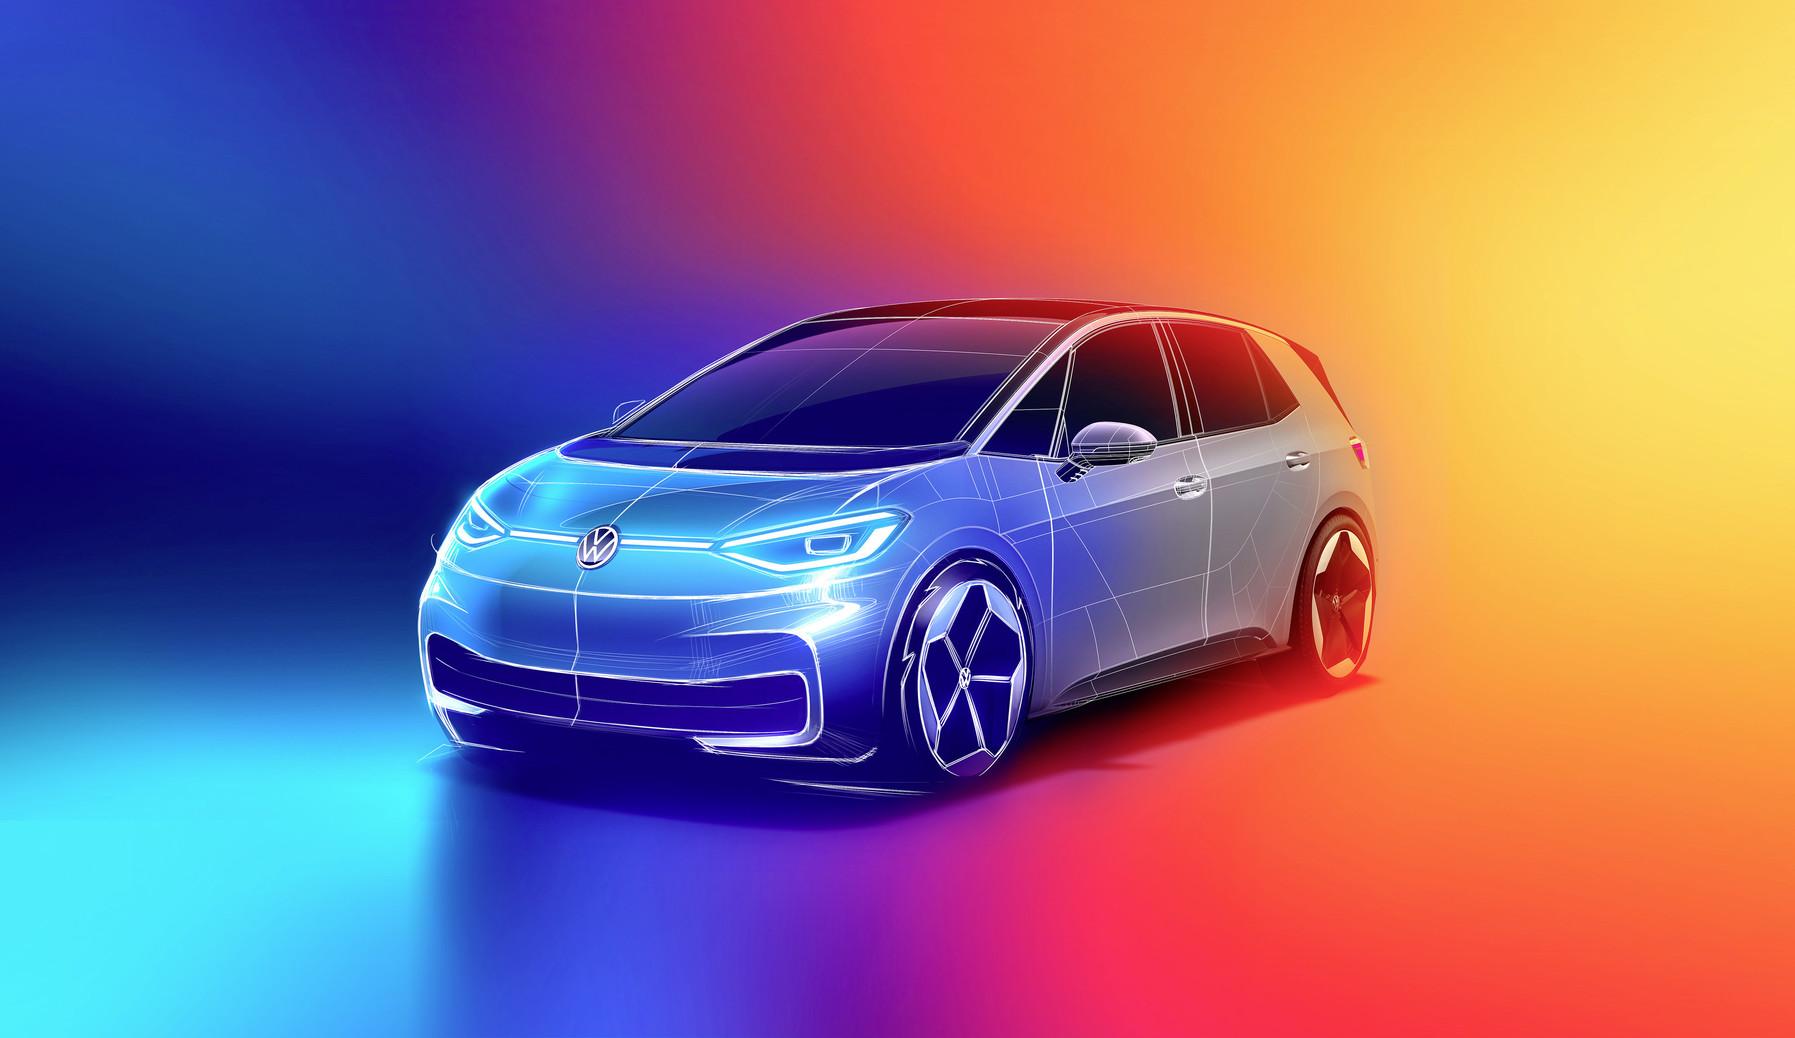 Volkswagen reta tu imaginación y creatividad en concurso de diseño